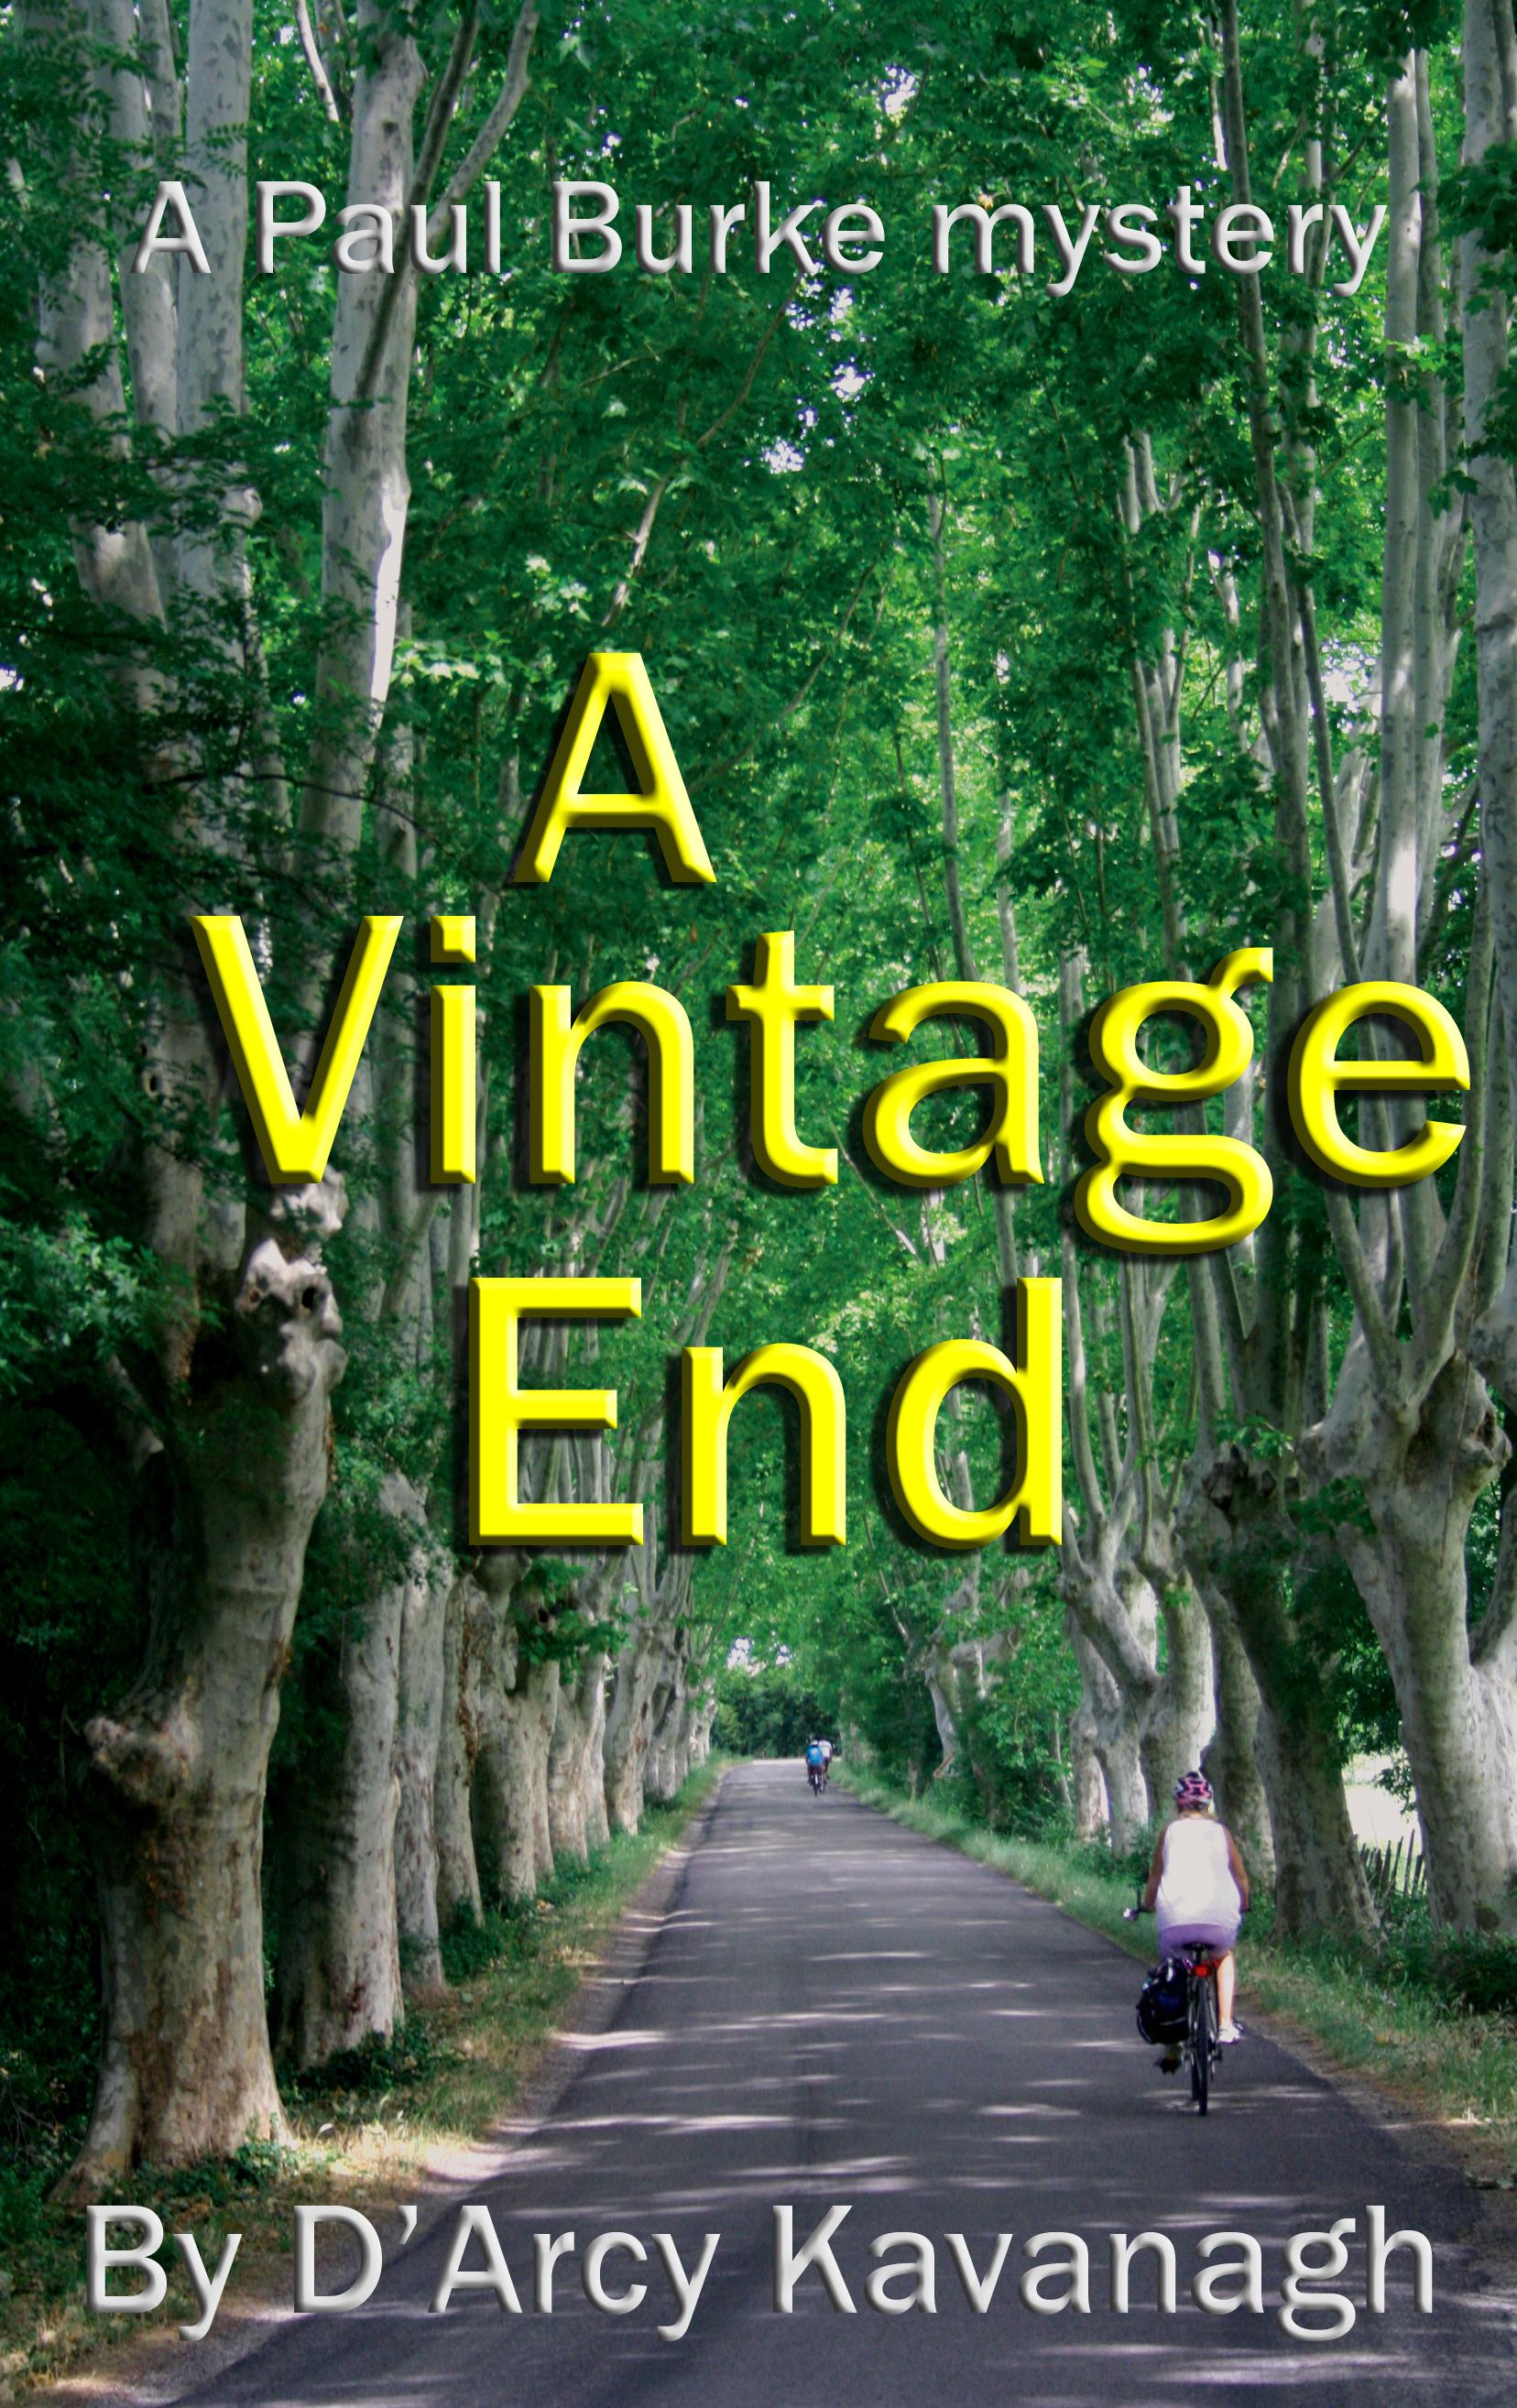 A Vintage End: A Paul Burke Mystery DArcy Kavanagh